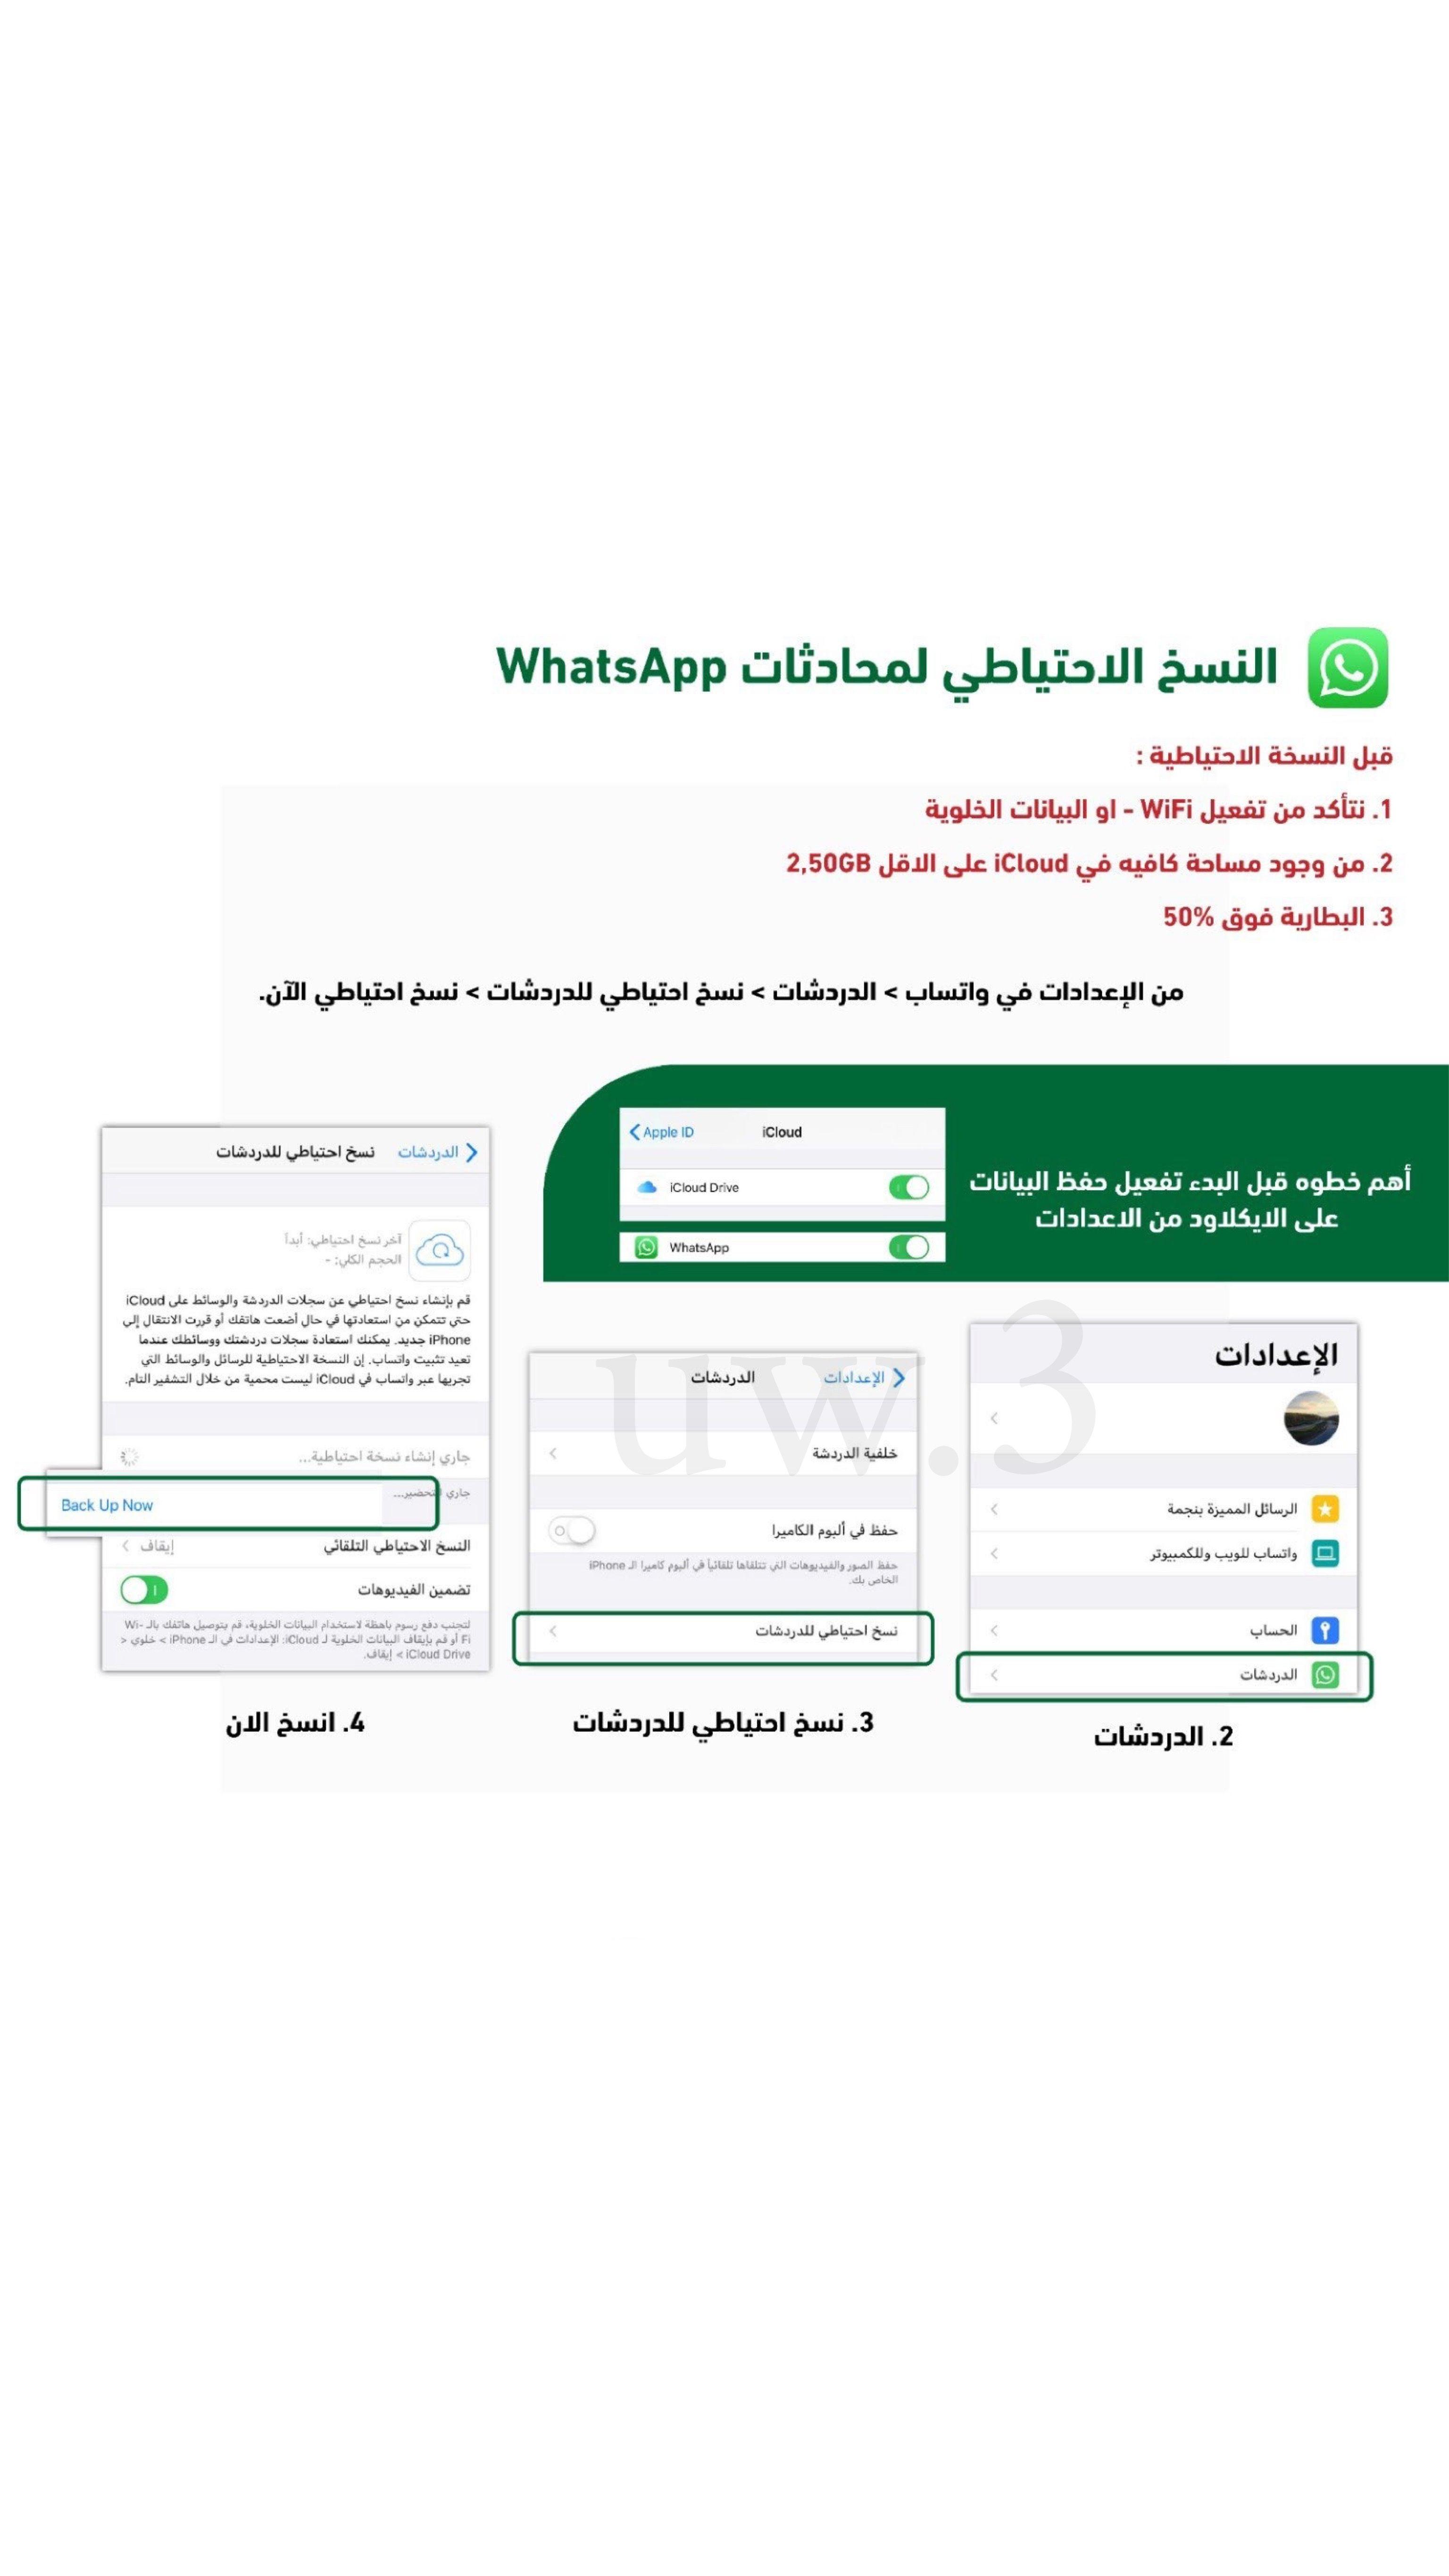 النسخ الاحتياطي لمحادثات Whatsapp App Ios Iphone